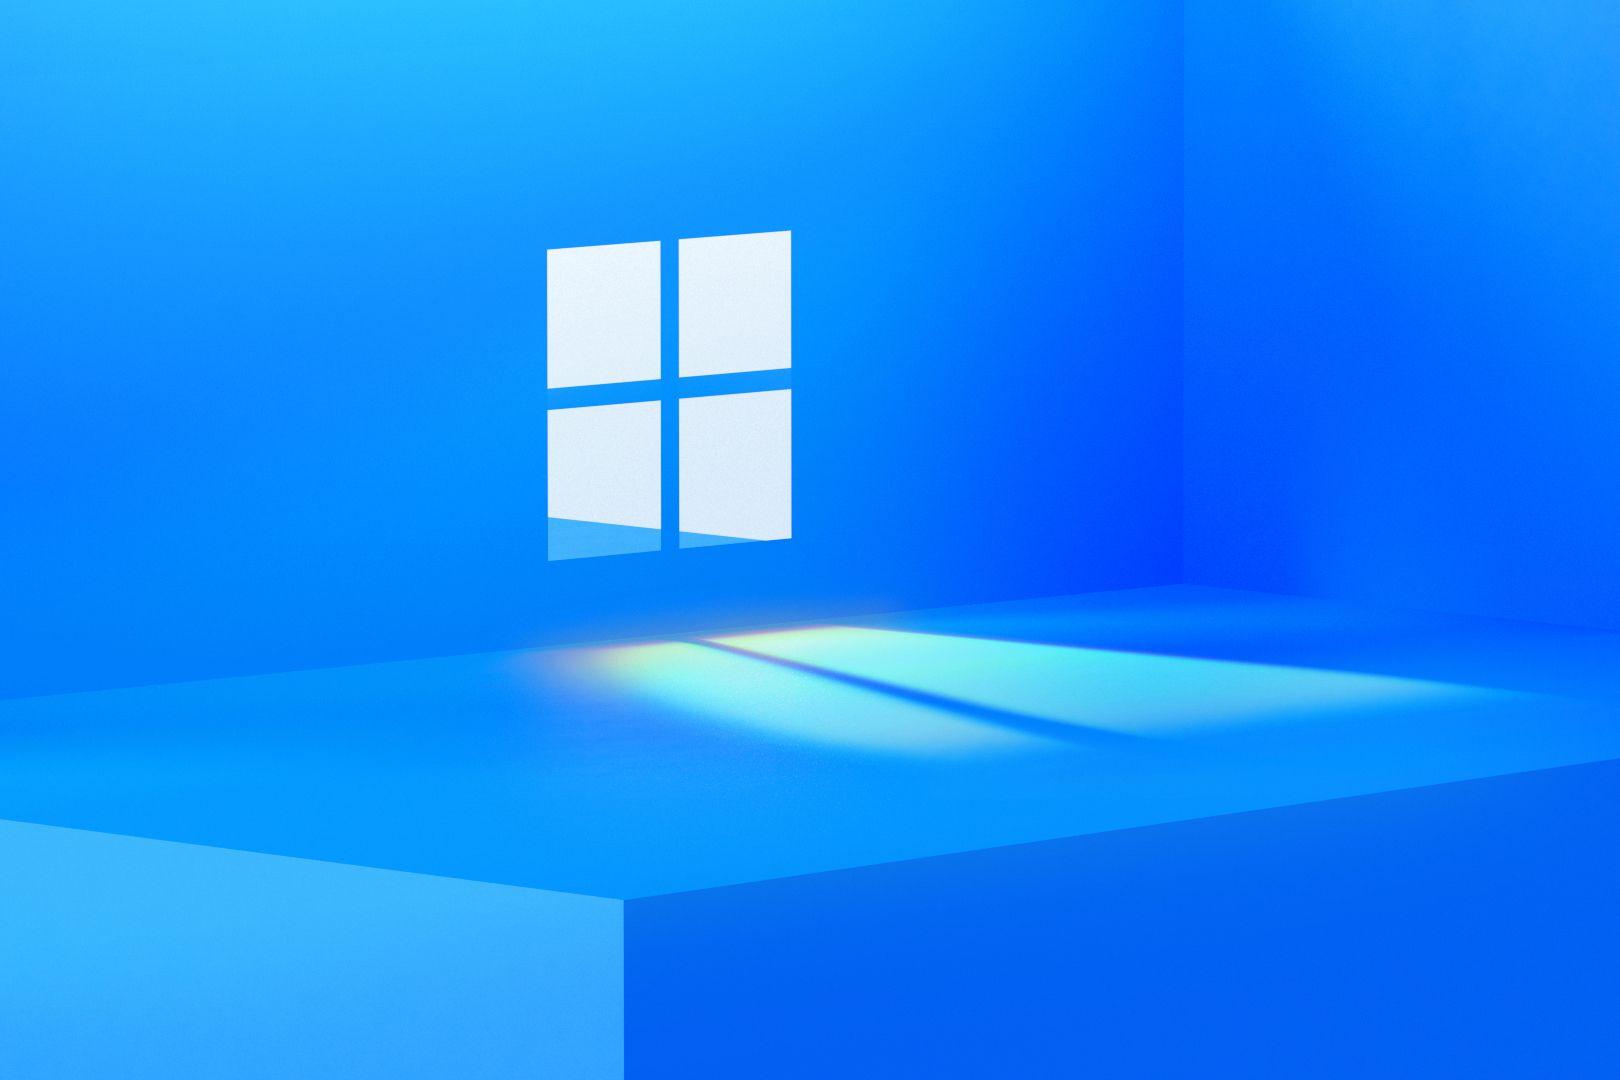 nouveau-windows